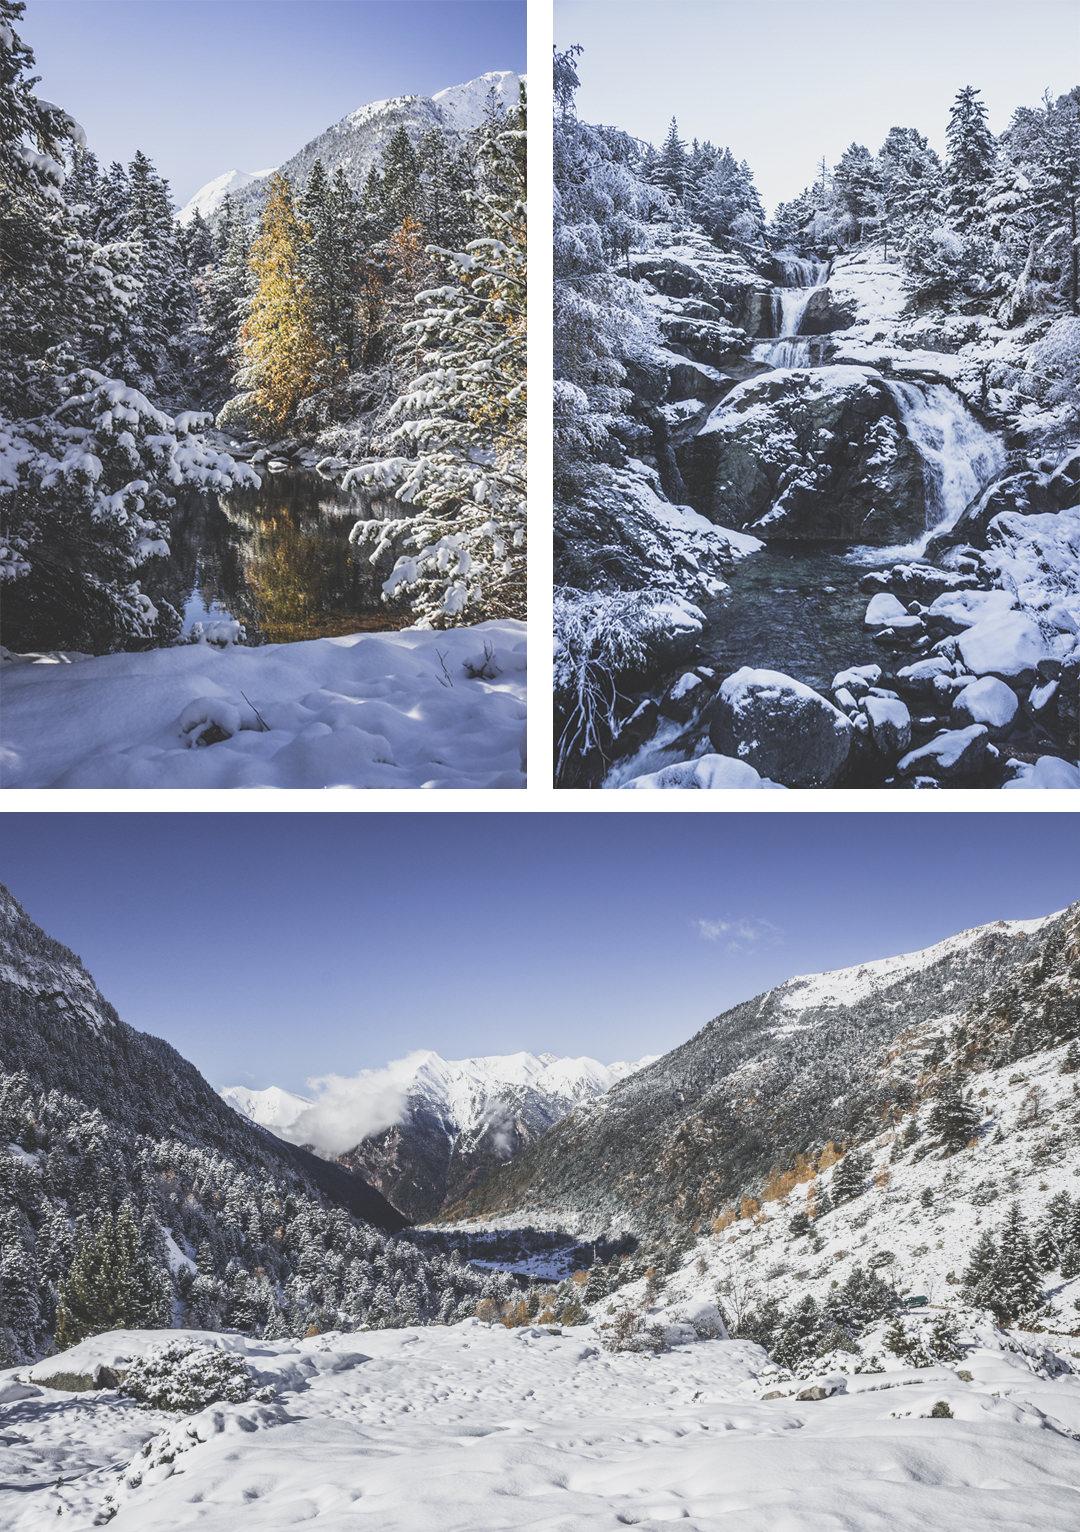 Espagne • Catalogne • Pyrénées • Randonnées au Parc Nacional d'Aigüestortes i Estany de Sant Maurici • Randonnée côté Boì et la cascade du saint-esprit